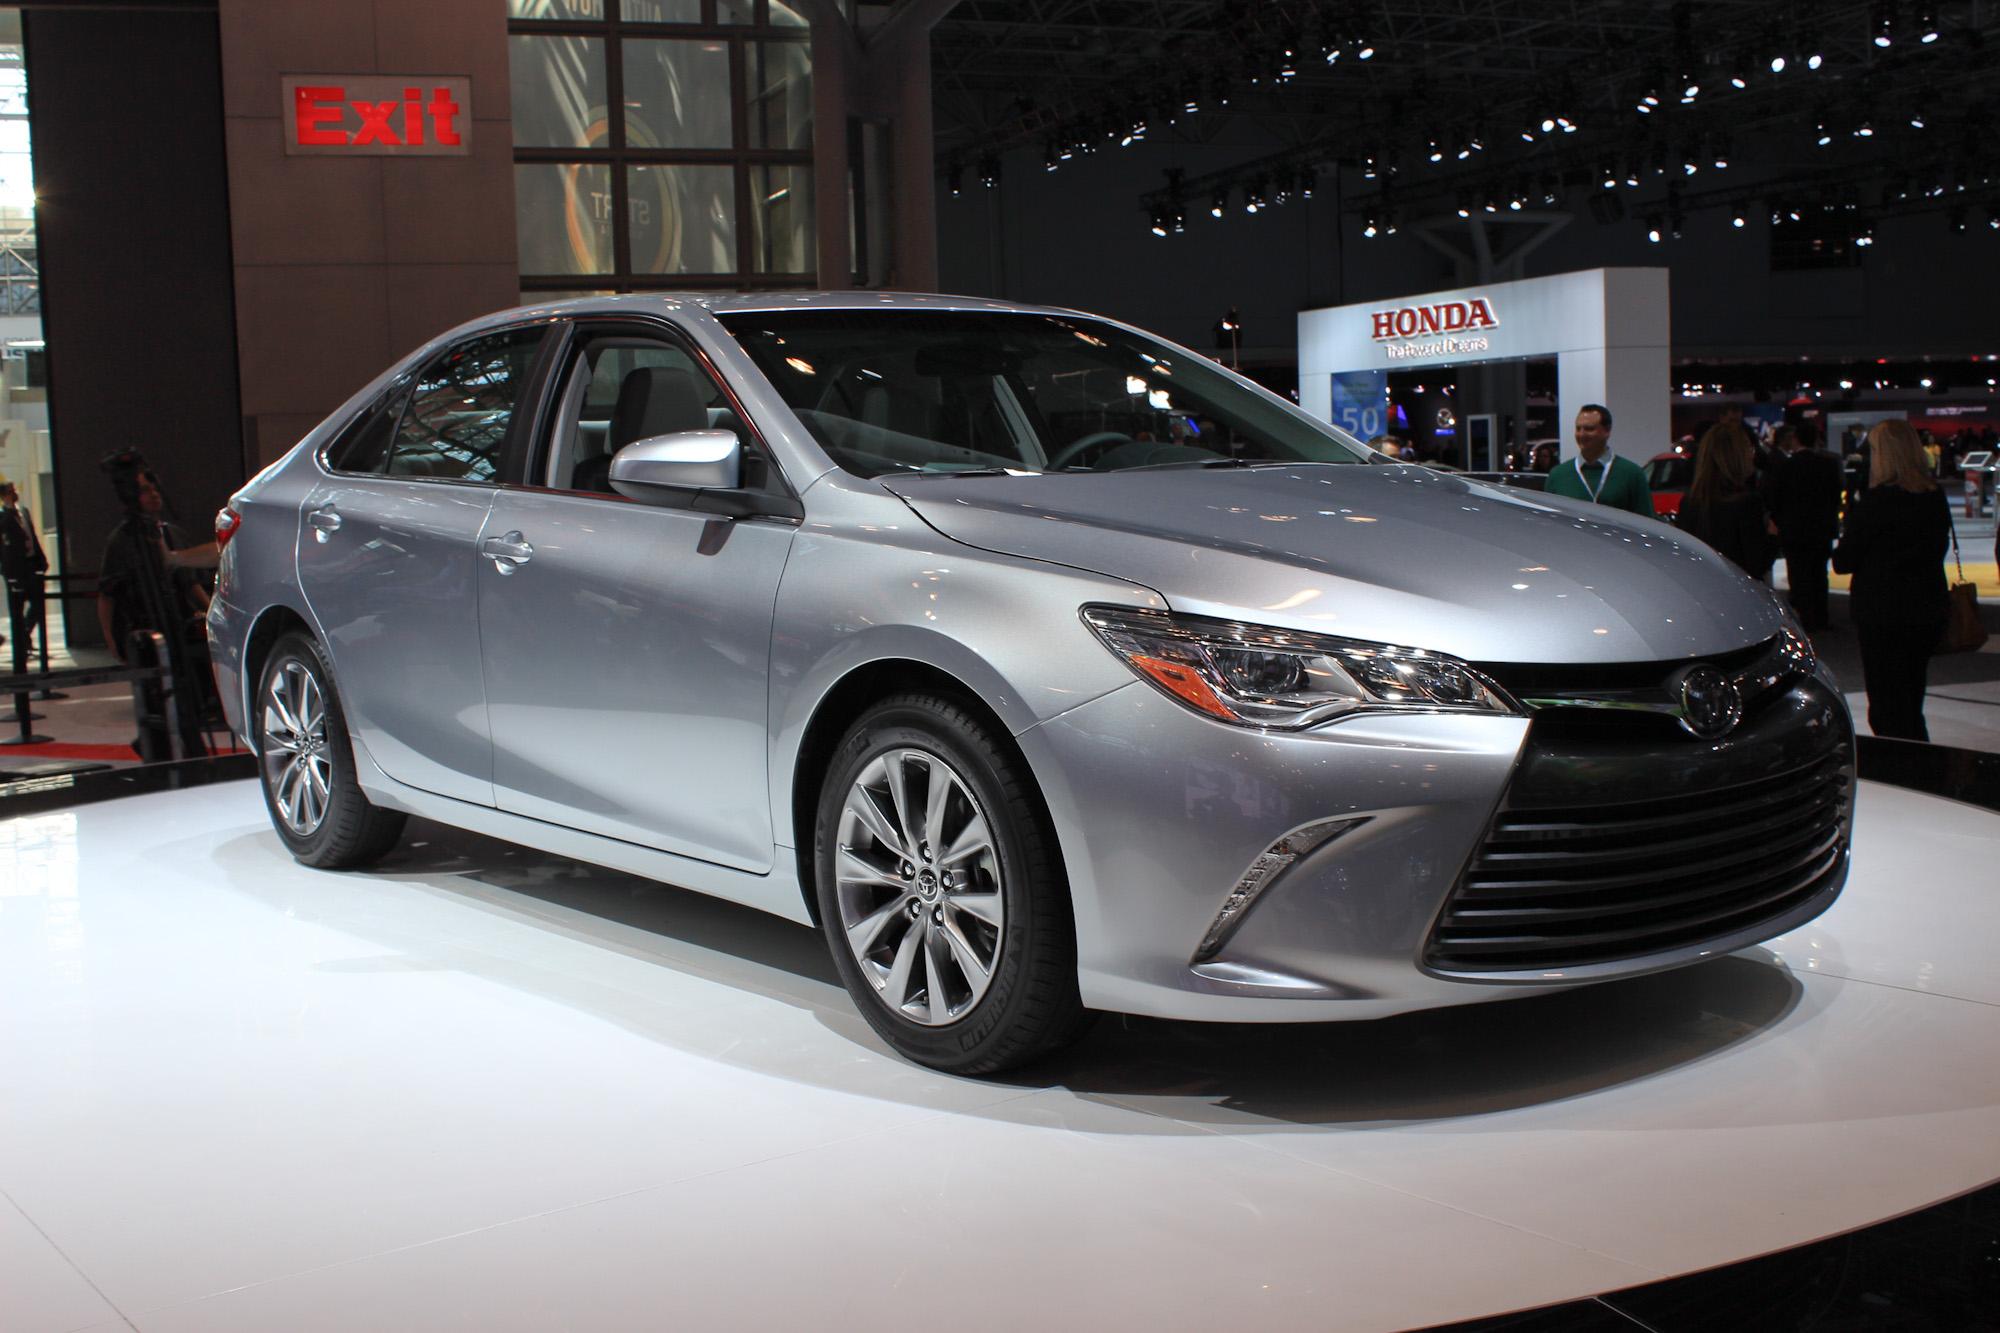 2015 Toyota Camry New York Auto Show Live Photos